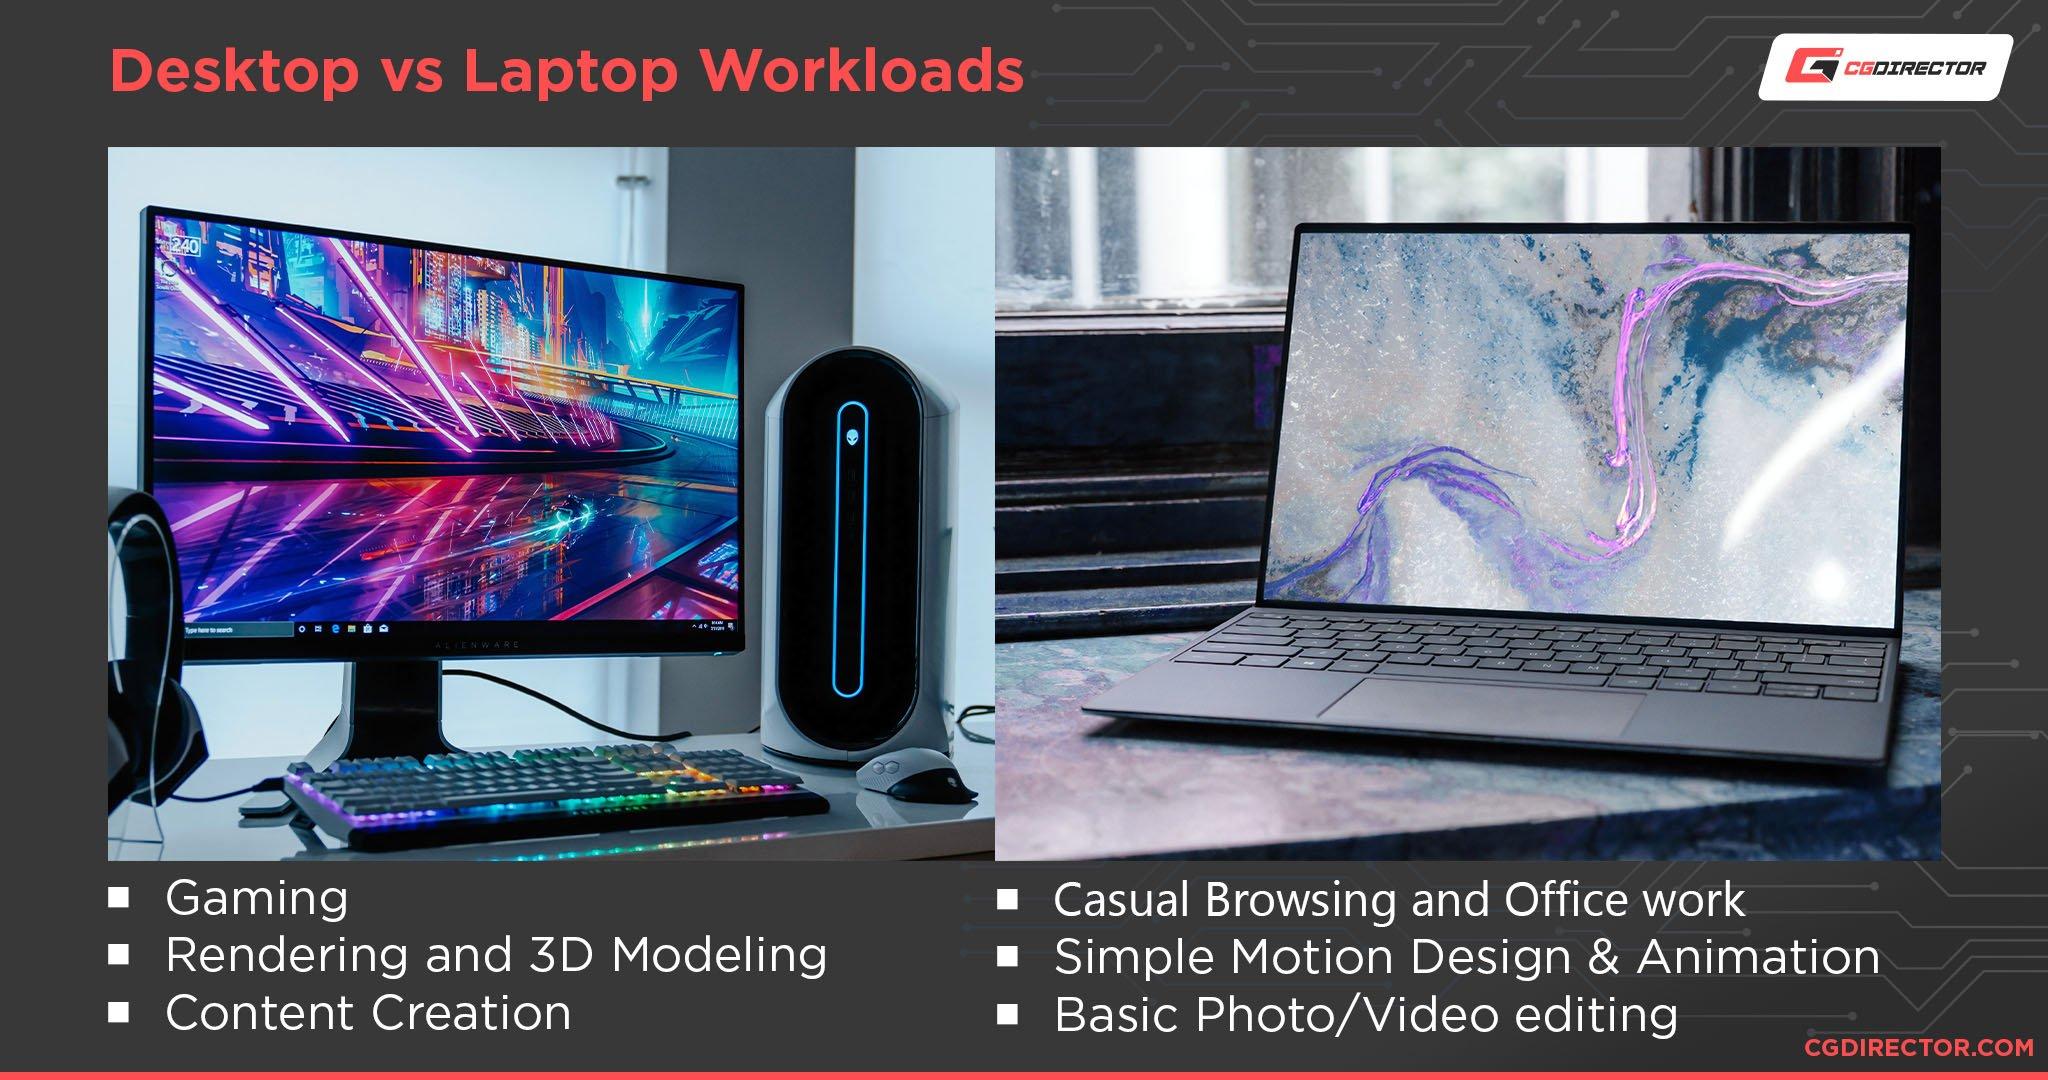 Desktop vs Laptop workloads